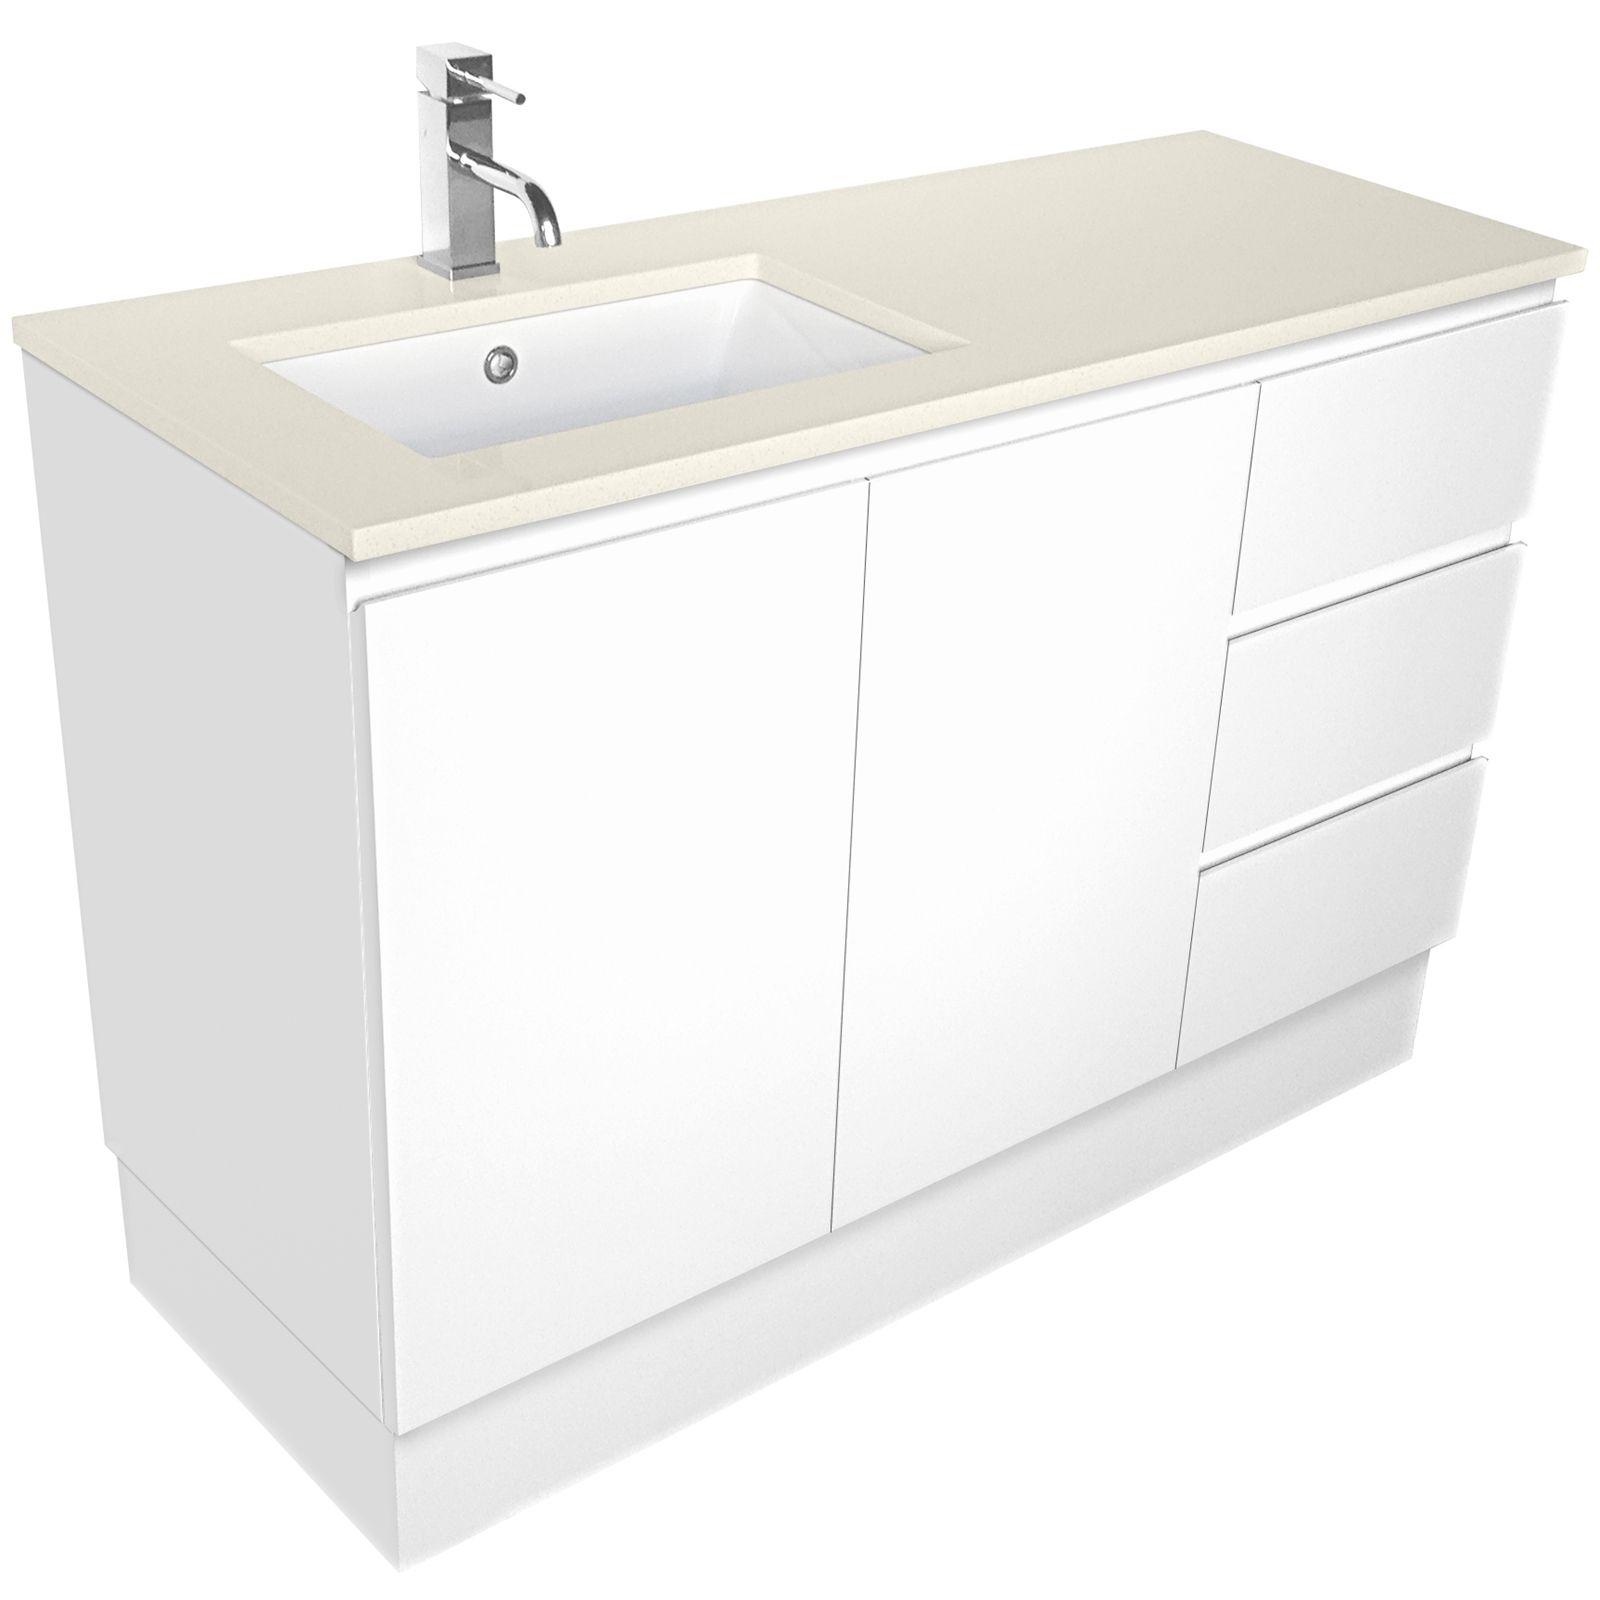 43+ Floor mounted vanity custom